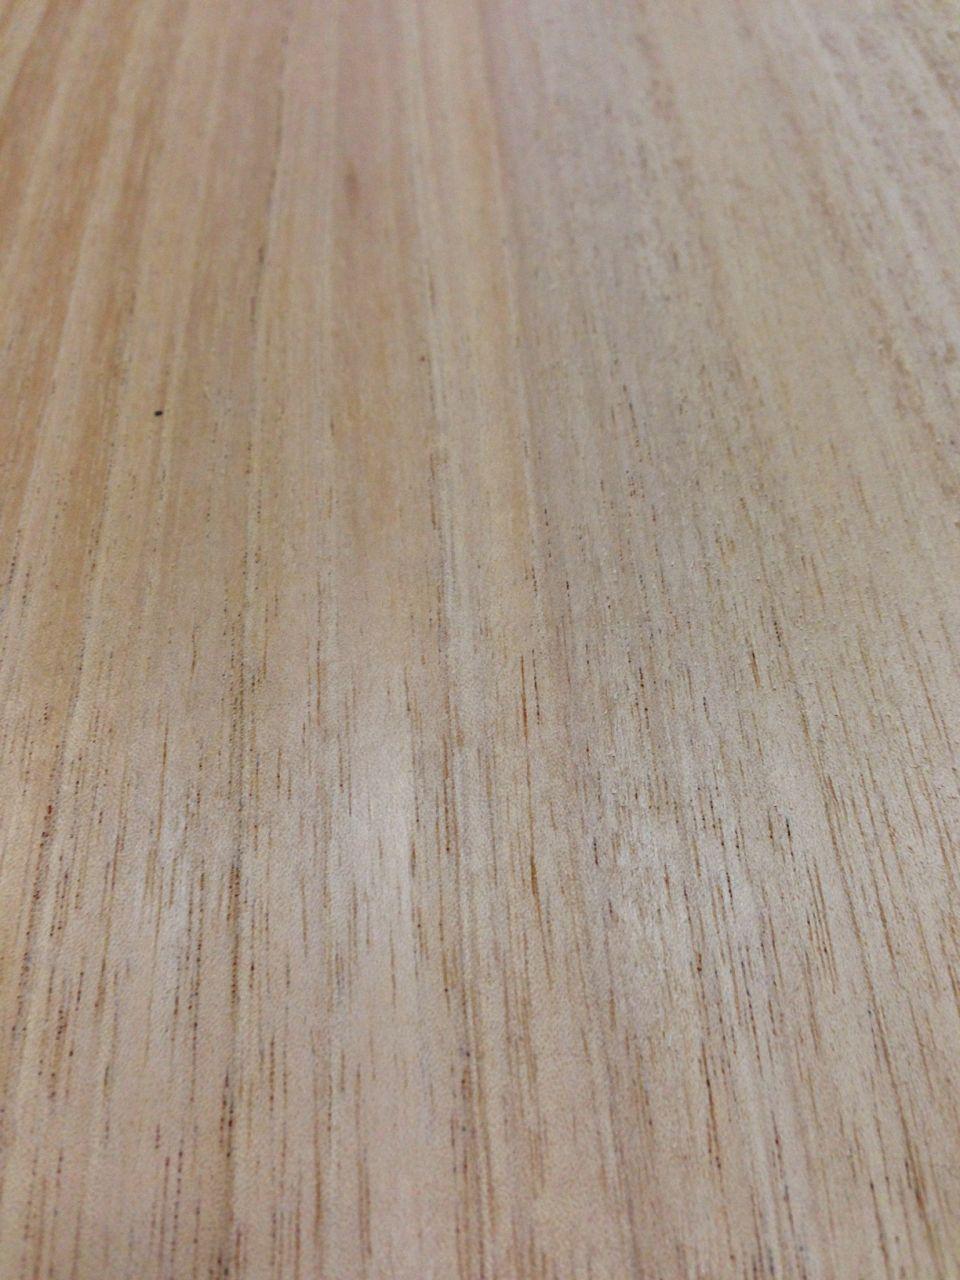 İspanyol Sediri Ağacı 21cmx46cmx3mm